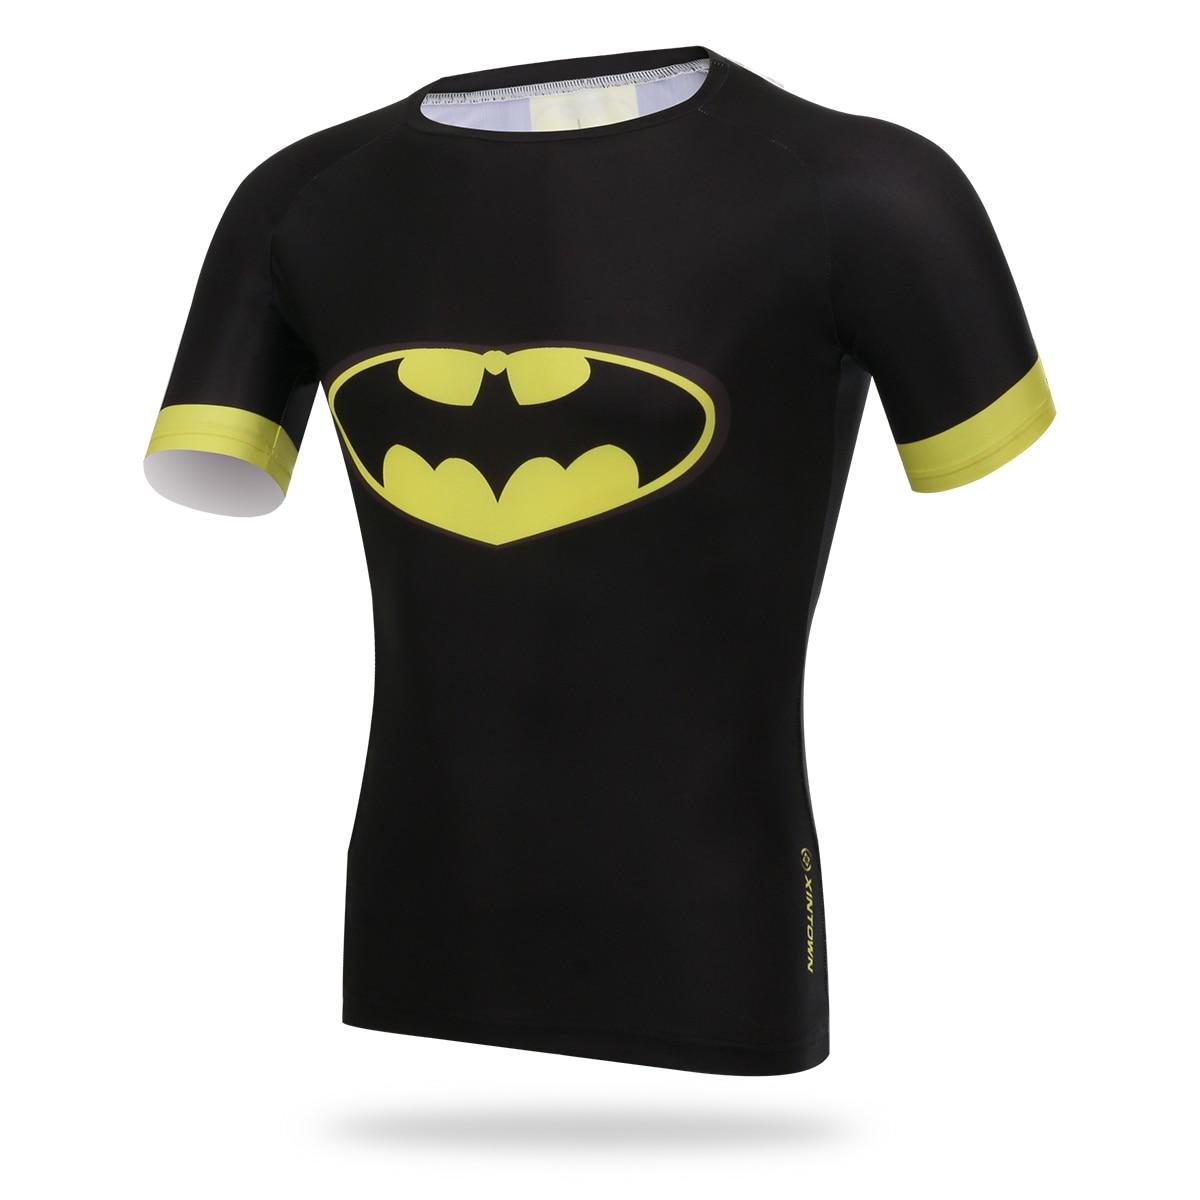 Xintown Men Running T Shirt Cycling Shirt Body Building